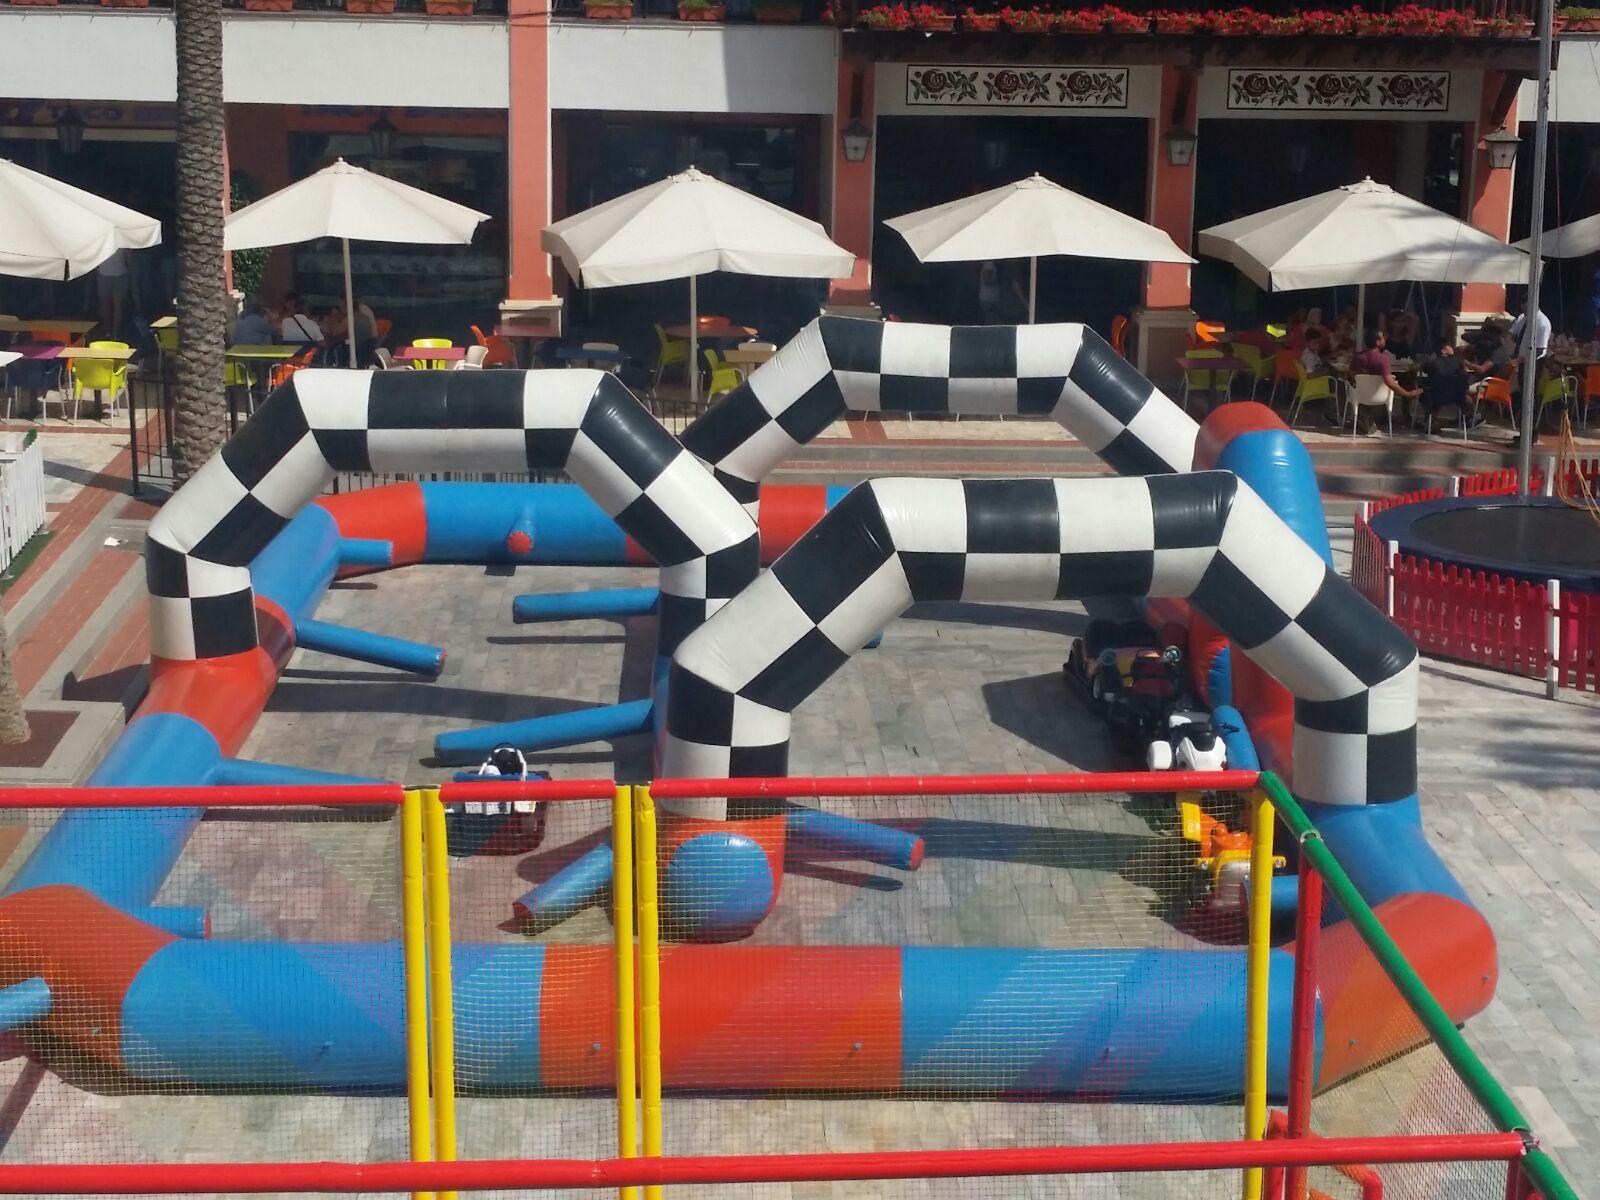 Circuito de coches